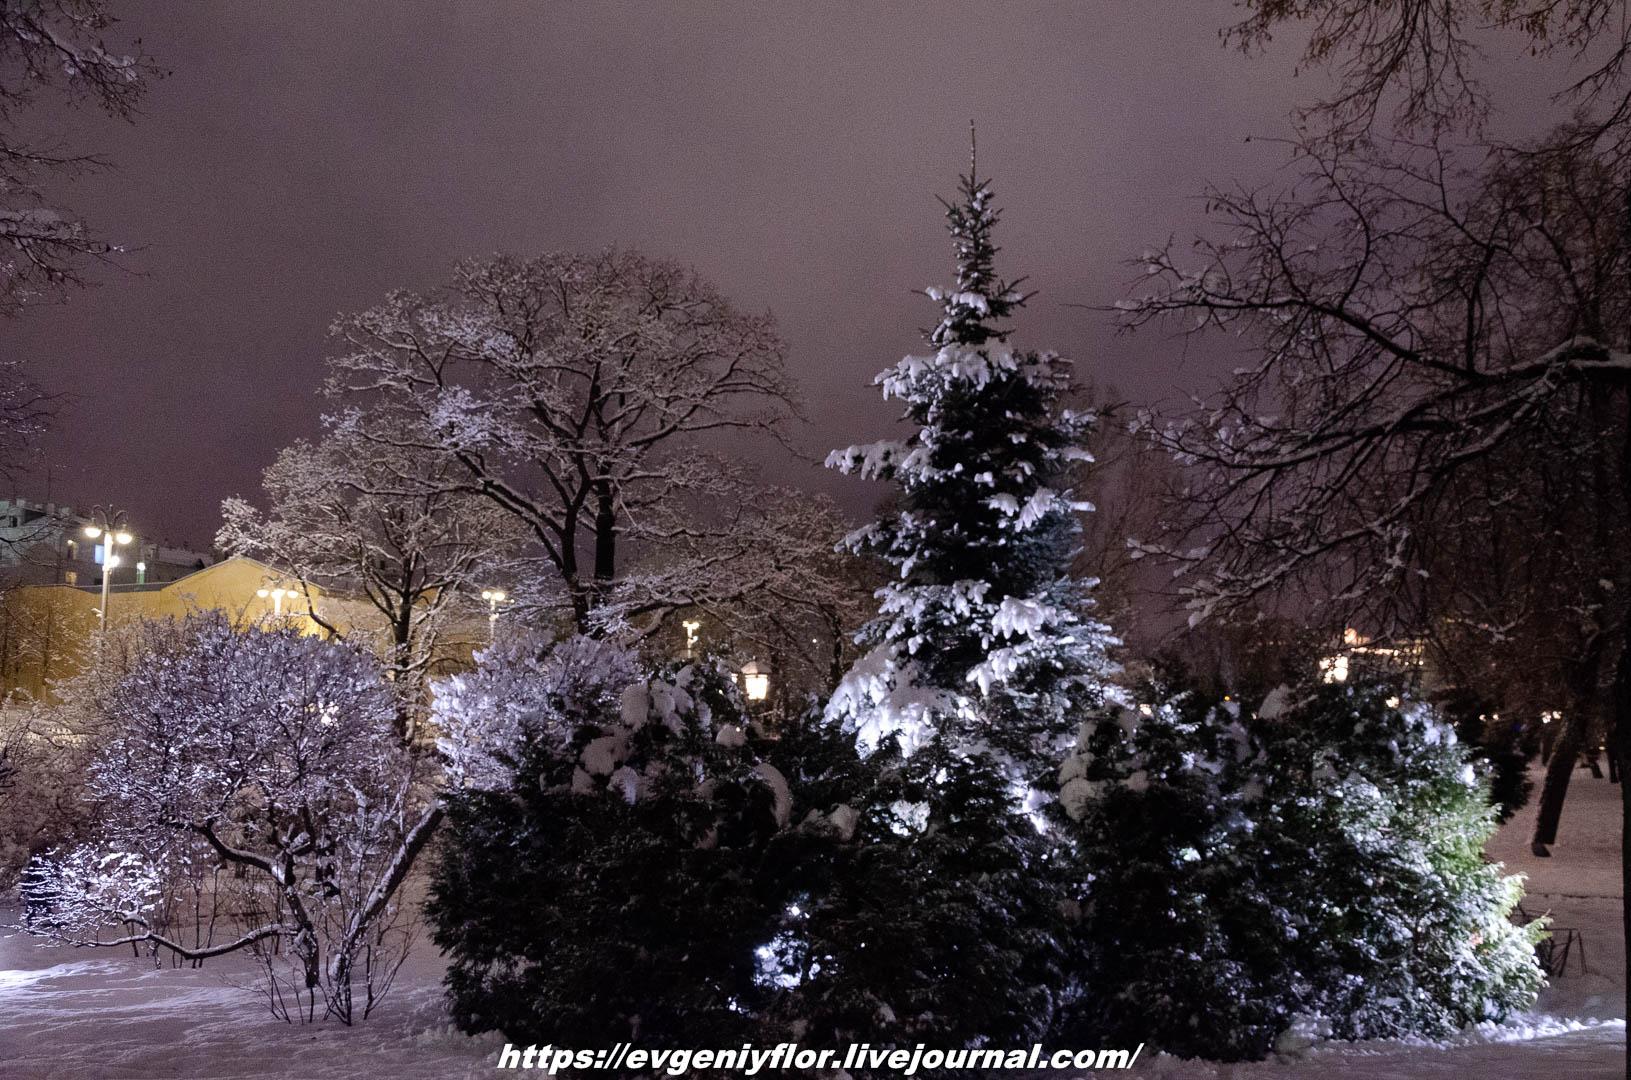 Вечерняя прогулка после снегопада    13 02 - 2019 Среда !Новая папка (2)6619.jpg